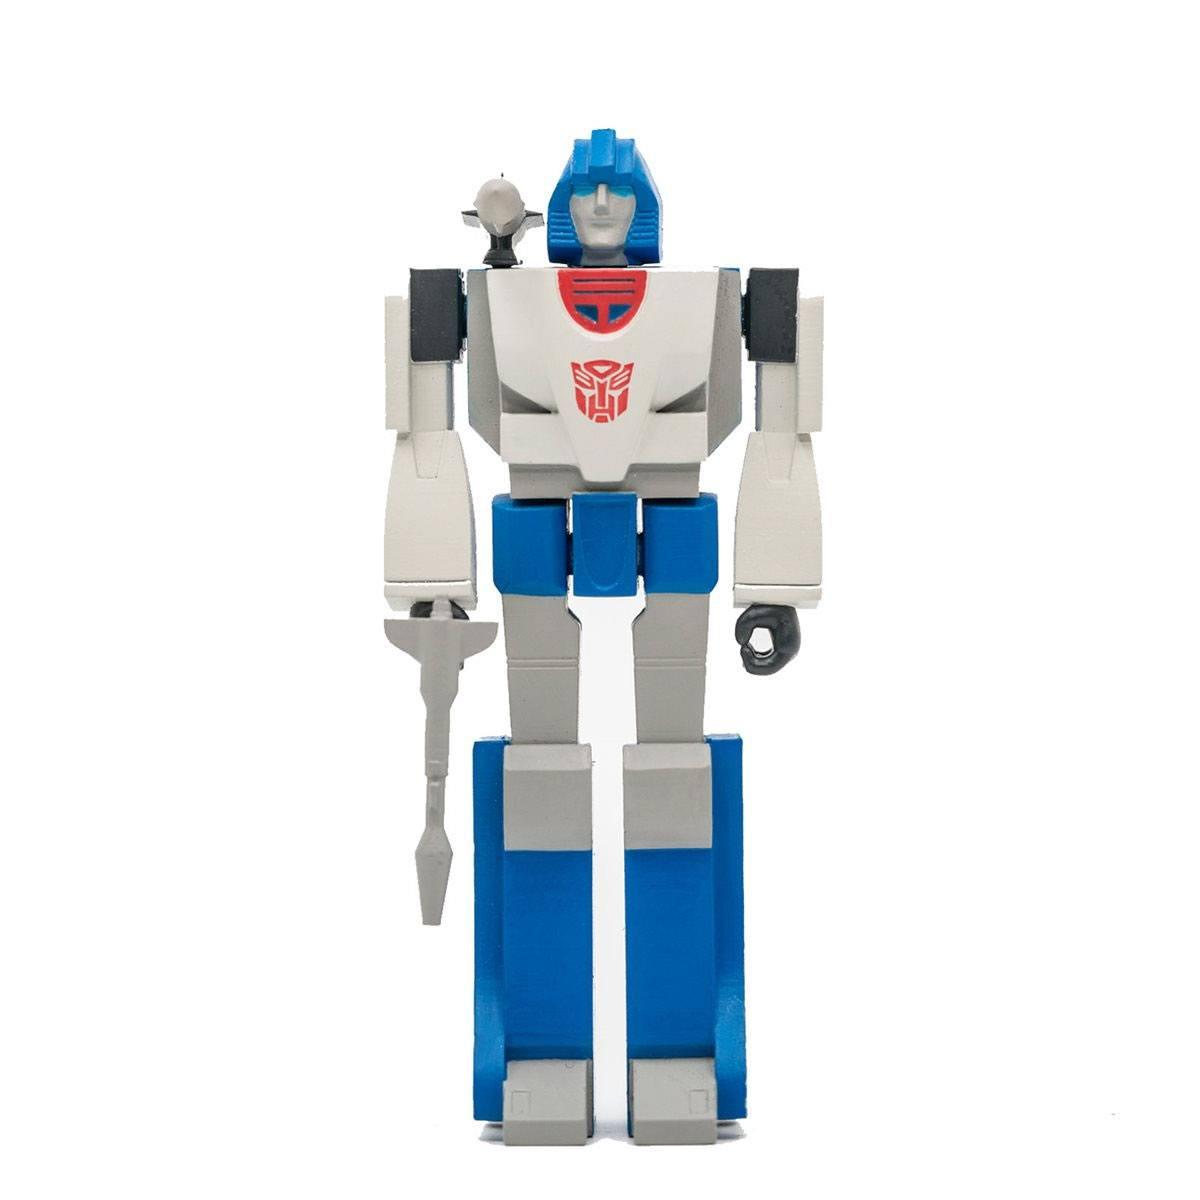 Transformers ReAction Action Figure Wave 2 Mirage 10 cm